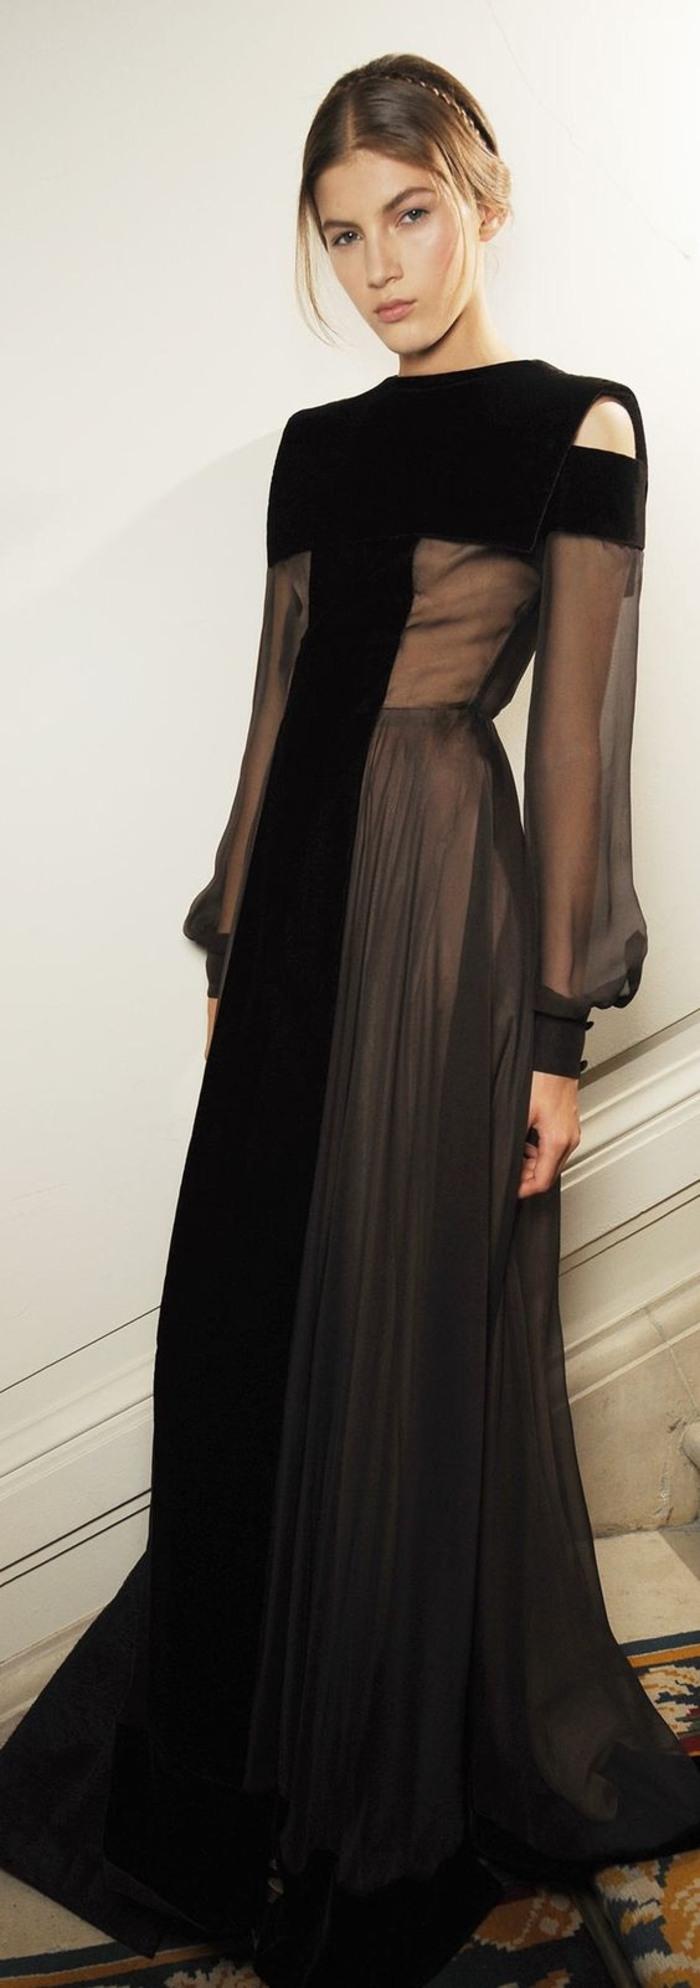 Abend Cool Schwarzes Kleid Lang GalerieDesigner Spektakulär Schwarzes Kleid Lang für 2019